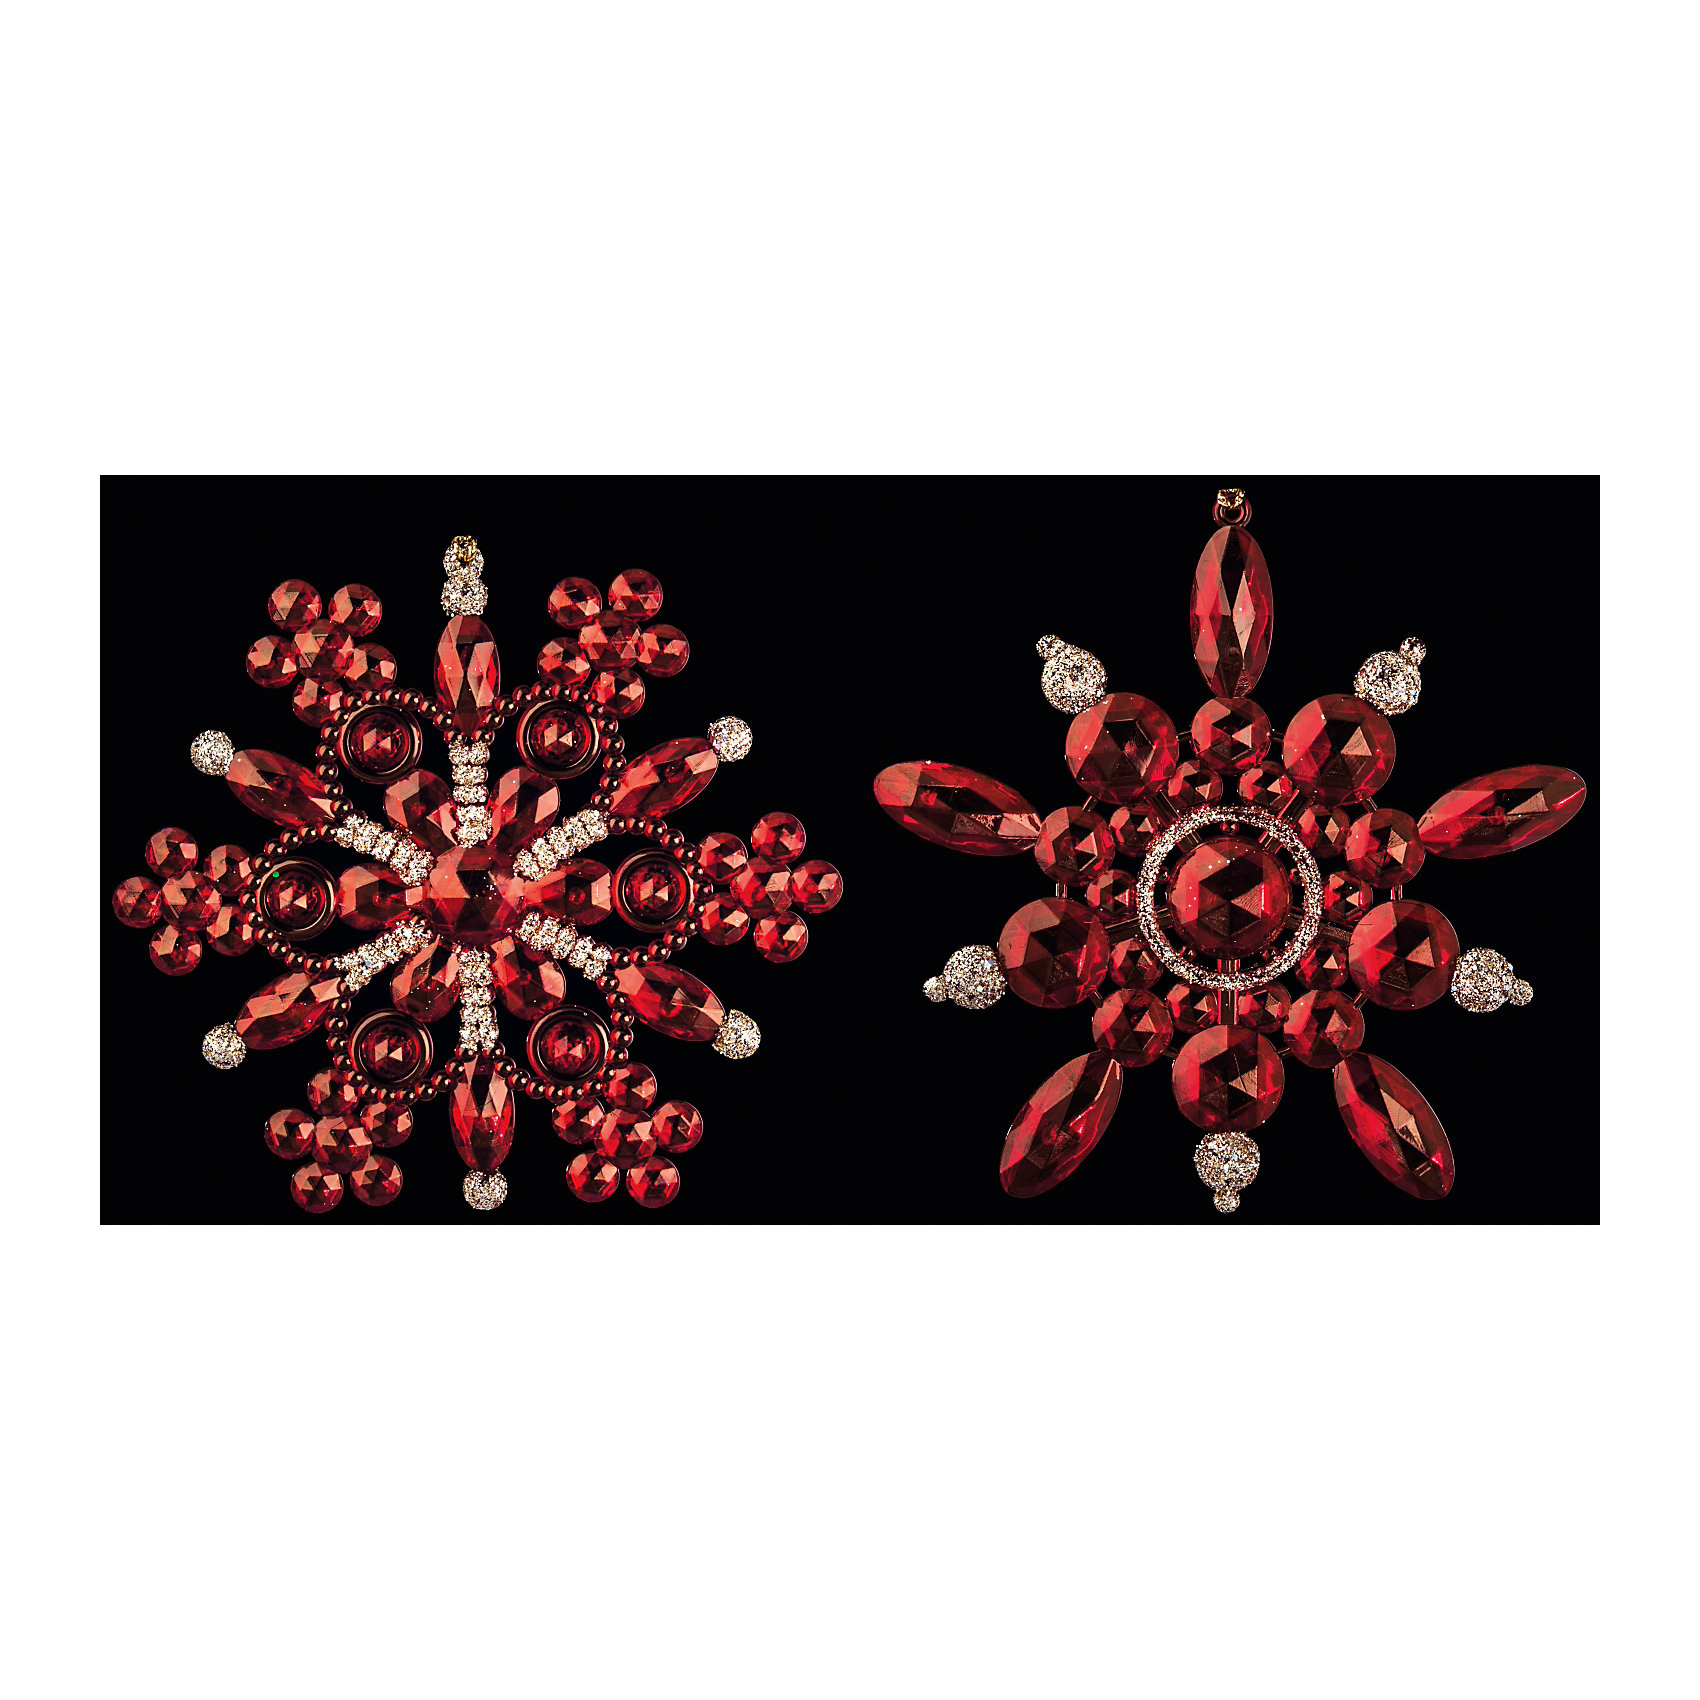 Украшение Снежинка-бусинка в ассортиментеНовинки Новый Год<br>Оригинальное Украшение Снежинка-бусинка в ассортименте в виде снежинки красного цвета и украшенное бусинами позволит Вашей елочке выглядеть по-настоящему стильно и волшебно. Кроме того, это украшение – отличный сувенир для Ваших близких и друзей к новогоднему празднику! <br><br>Дополнительная информация:<br>-Материалы: пластик<br>-Размер в упаковке: 12,5х1х12,5 см<br>-Вес в упаковке: 40 г<br>-Размер: 12 см<br>-В ассортименте: 2 дизайна (Внимание! Заранее выбрать невозможно, при заказе нескольких возможно получение одинаковых)<br><br>Украшение Снежинка-бусинка в ассортименте можно купить в нашем магазине.<br><br>Ширина мм: 125<br>Глубина мм: 10<br>Высота мм: 125<br>Вес г: 40<br>Возраст от месяцев: 84<br>Возраст до месяцев: 2147483647<br>Пол: Унисекс<br>Возраст: Детский<br>SKU: 4286711